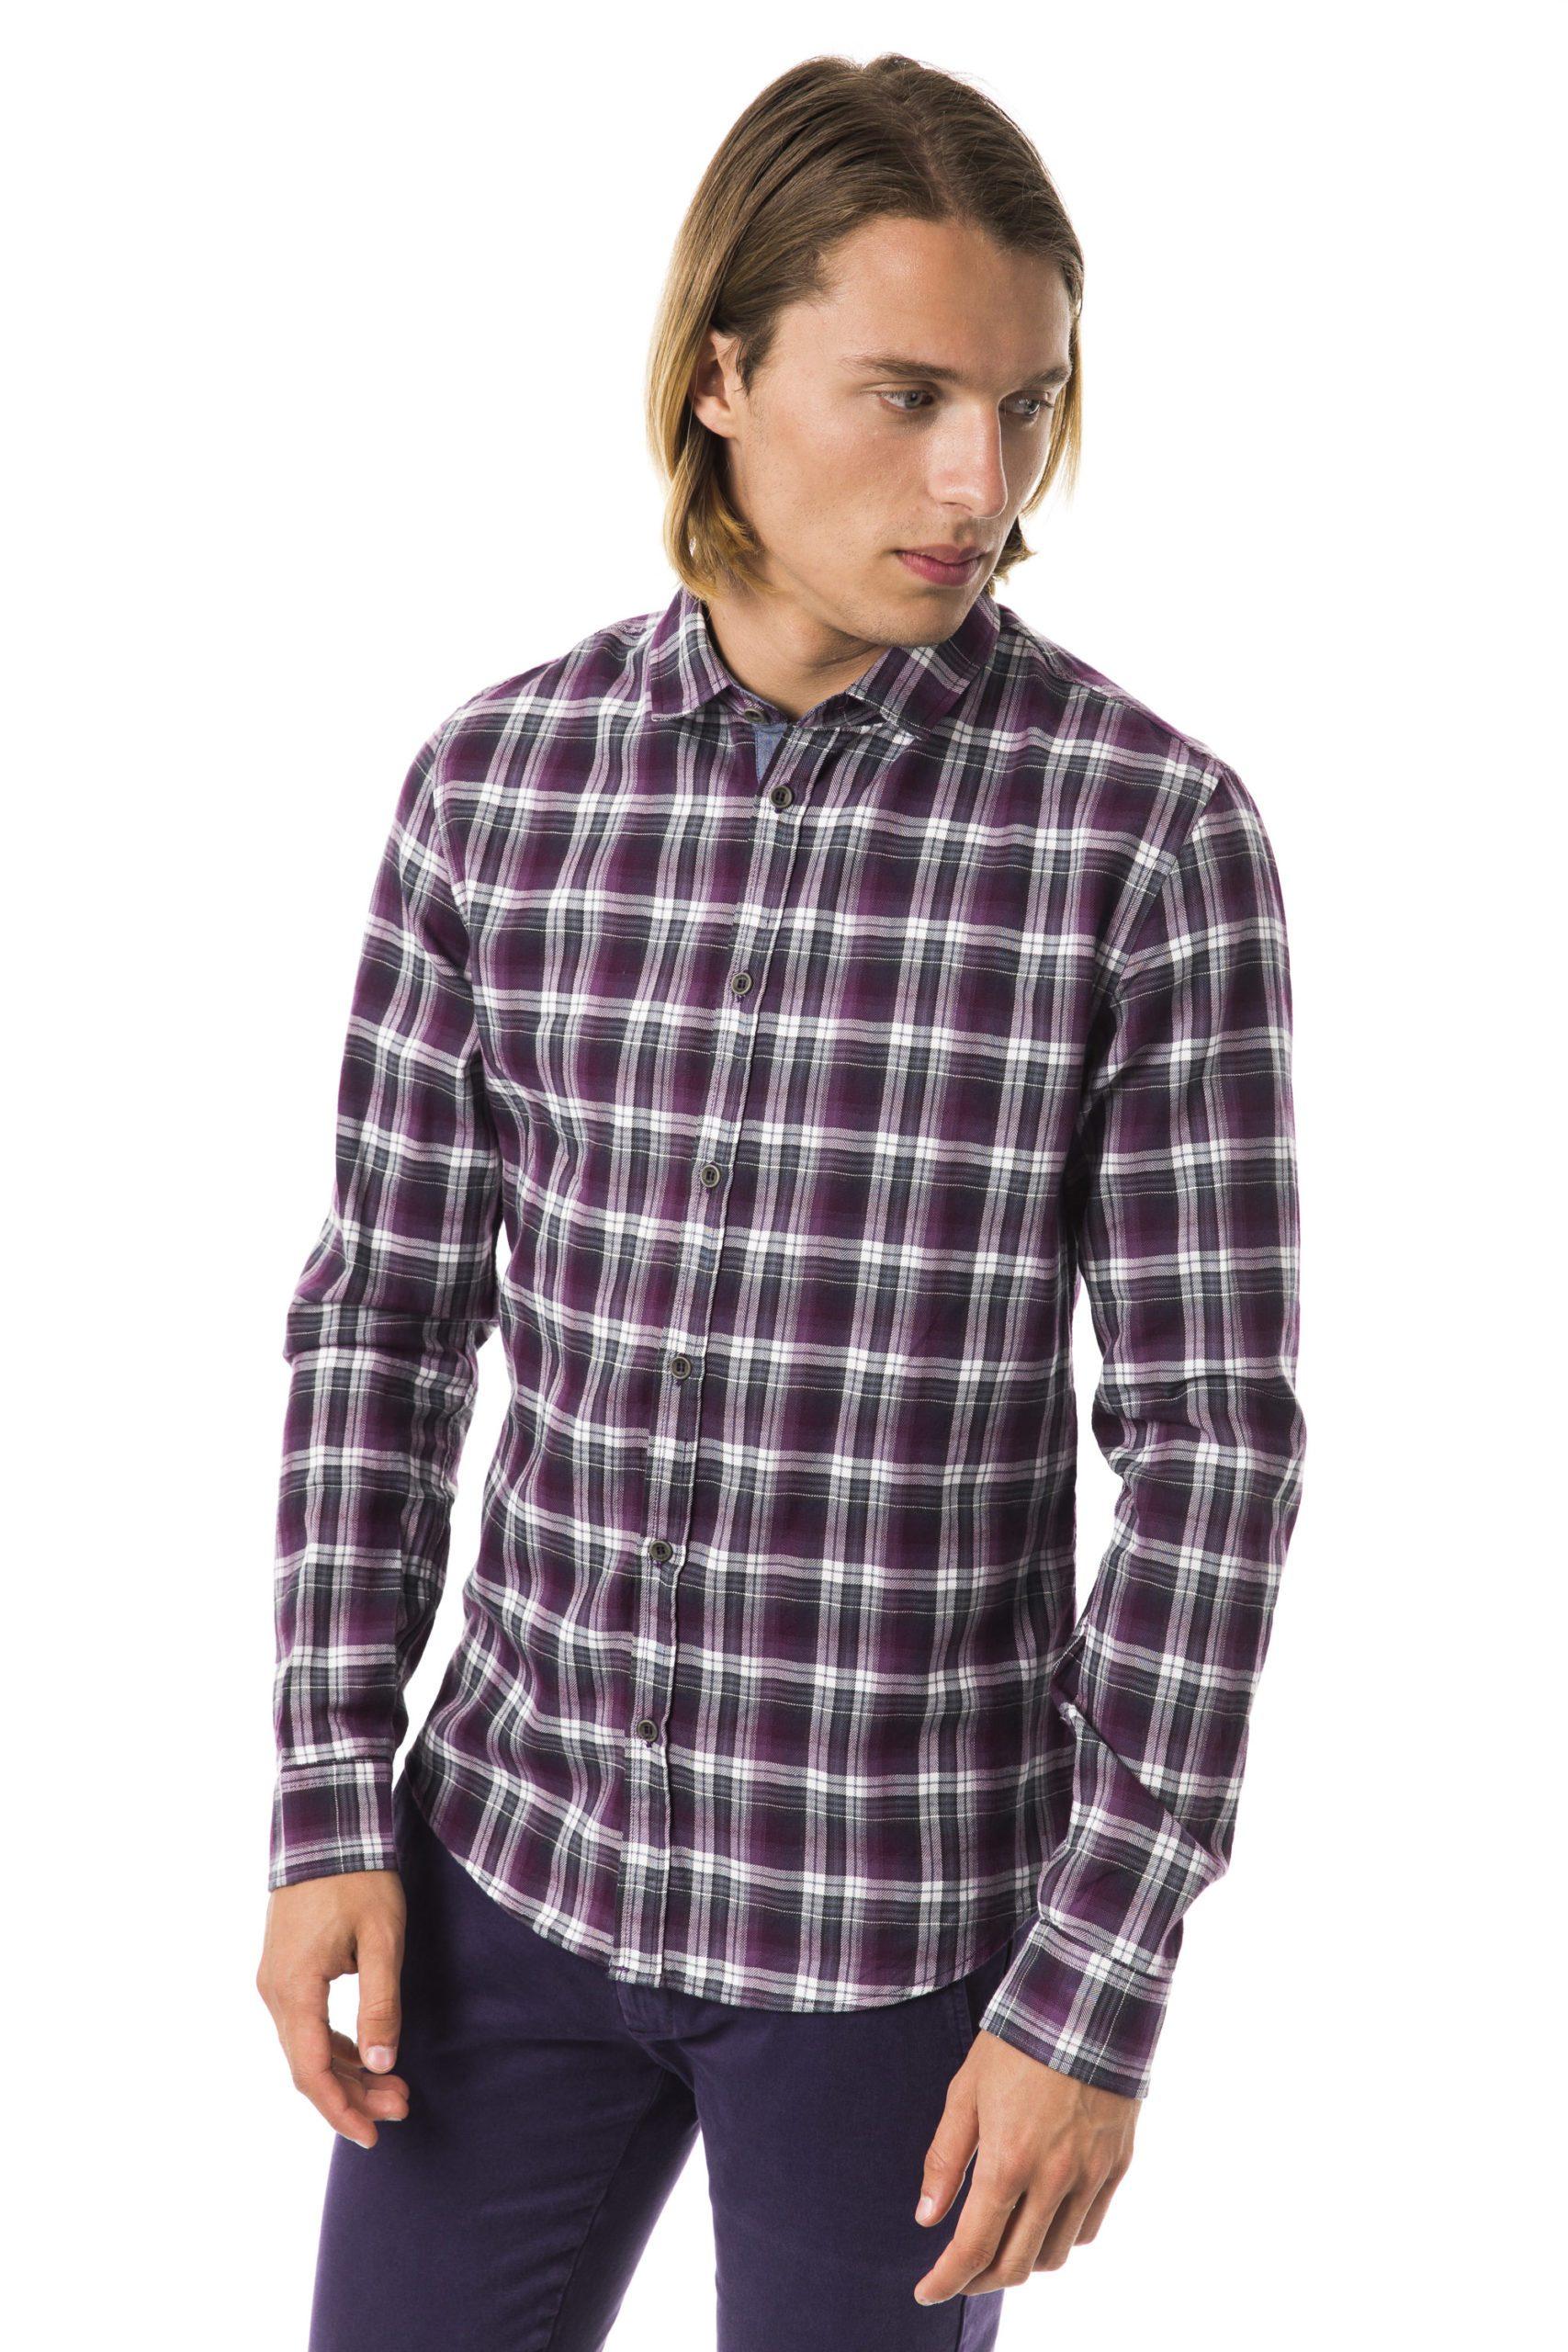 BYBLOS Men's Viola Shirt Violet BY1394849 - M